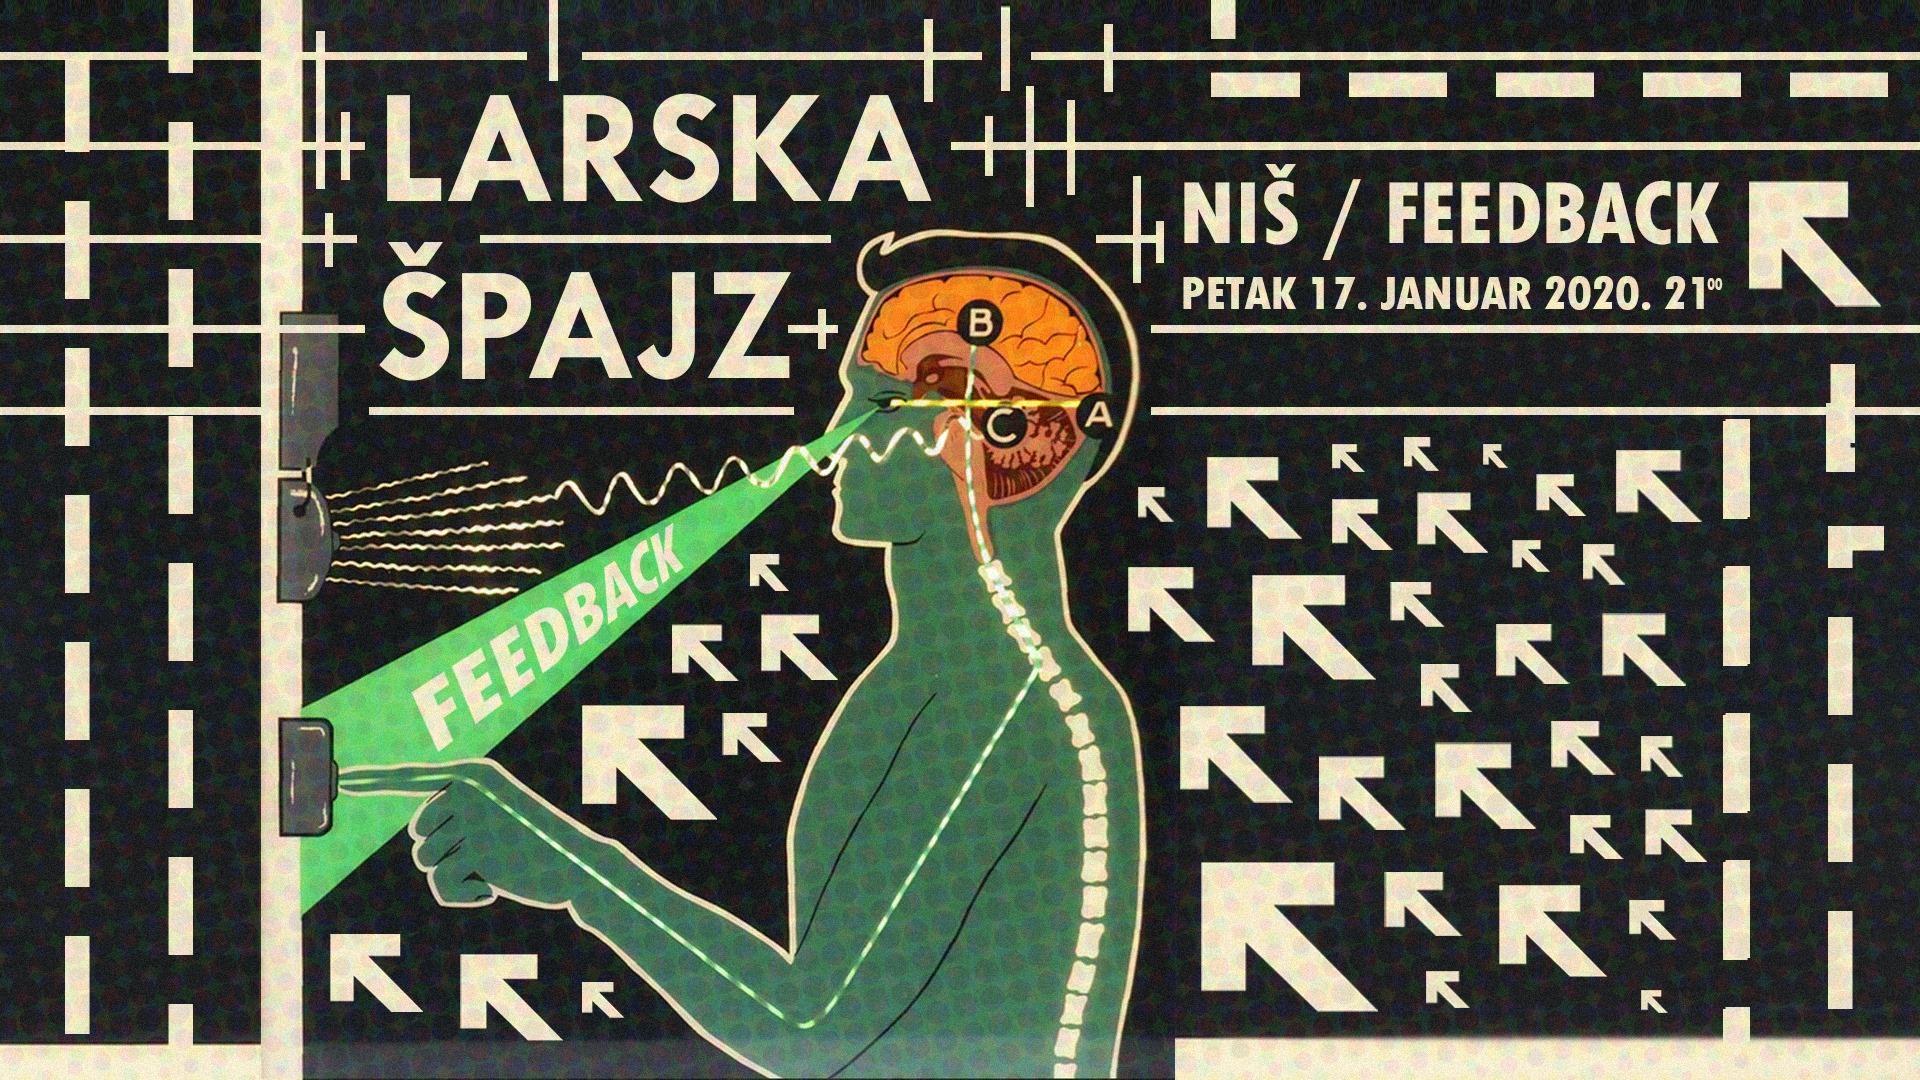 Larska & Špajz - 17. Jan - Feedback